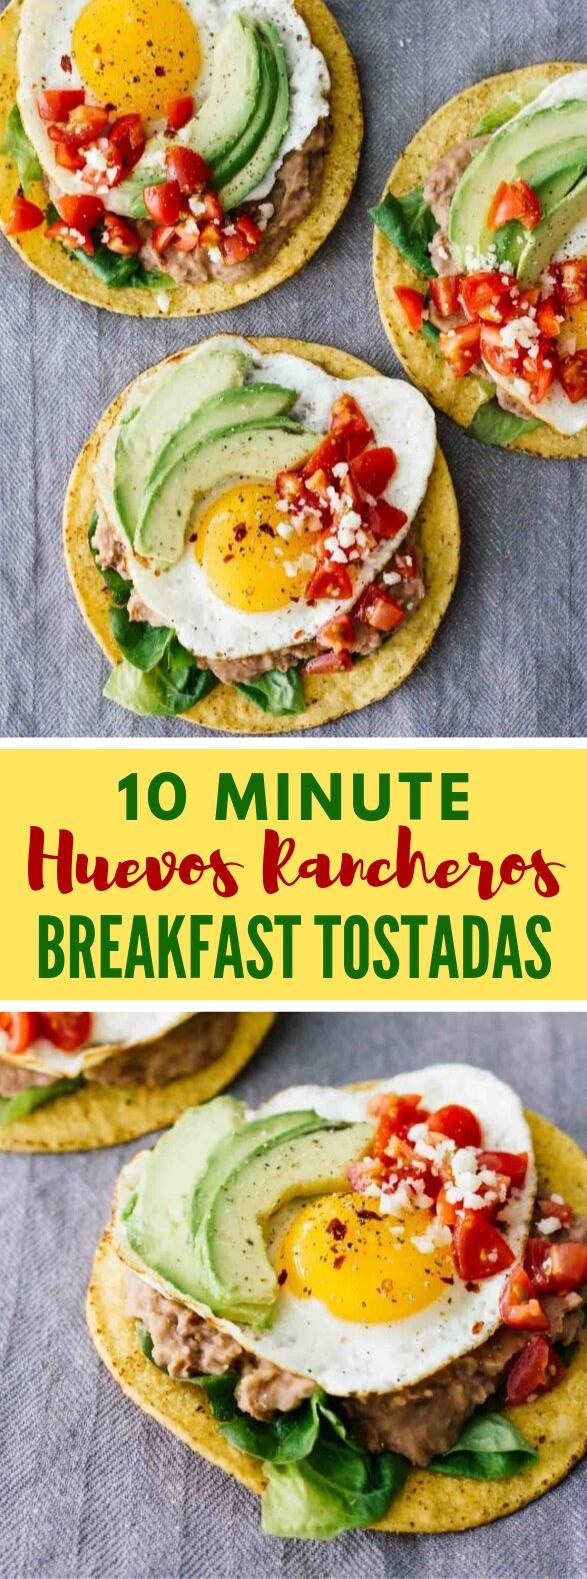 10-MINUTE HUEVOS RANCHEROS BREAKFAST TOSTADAS #vegetarian #healthy